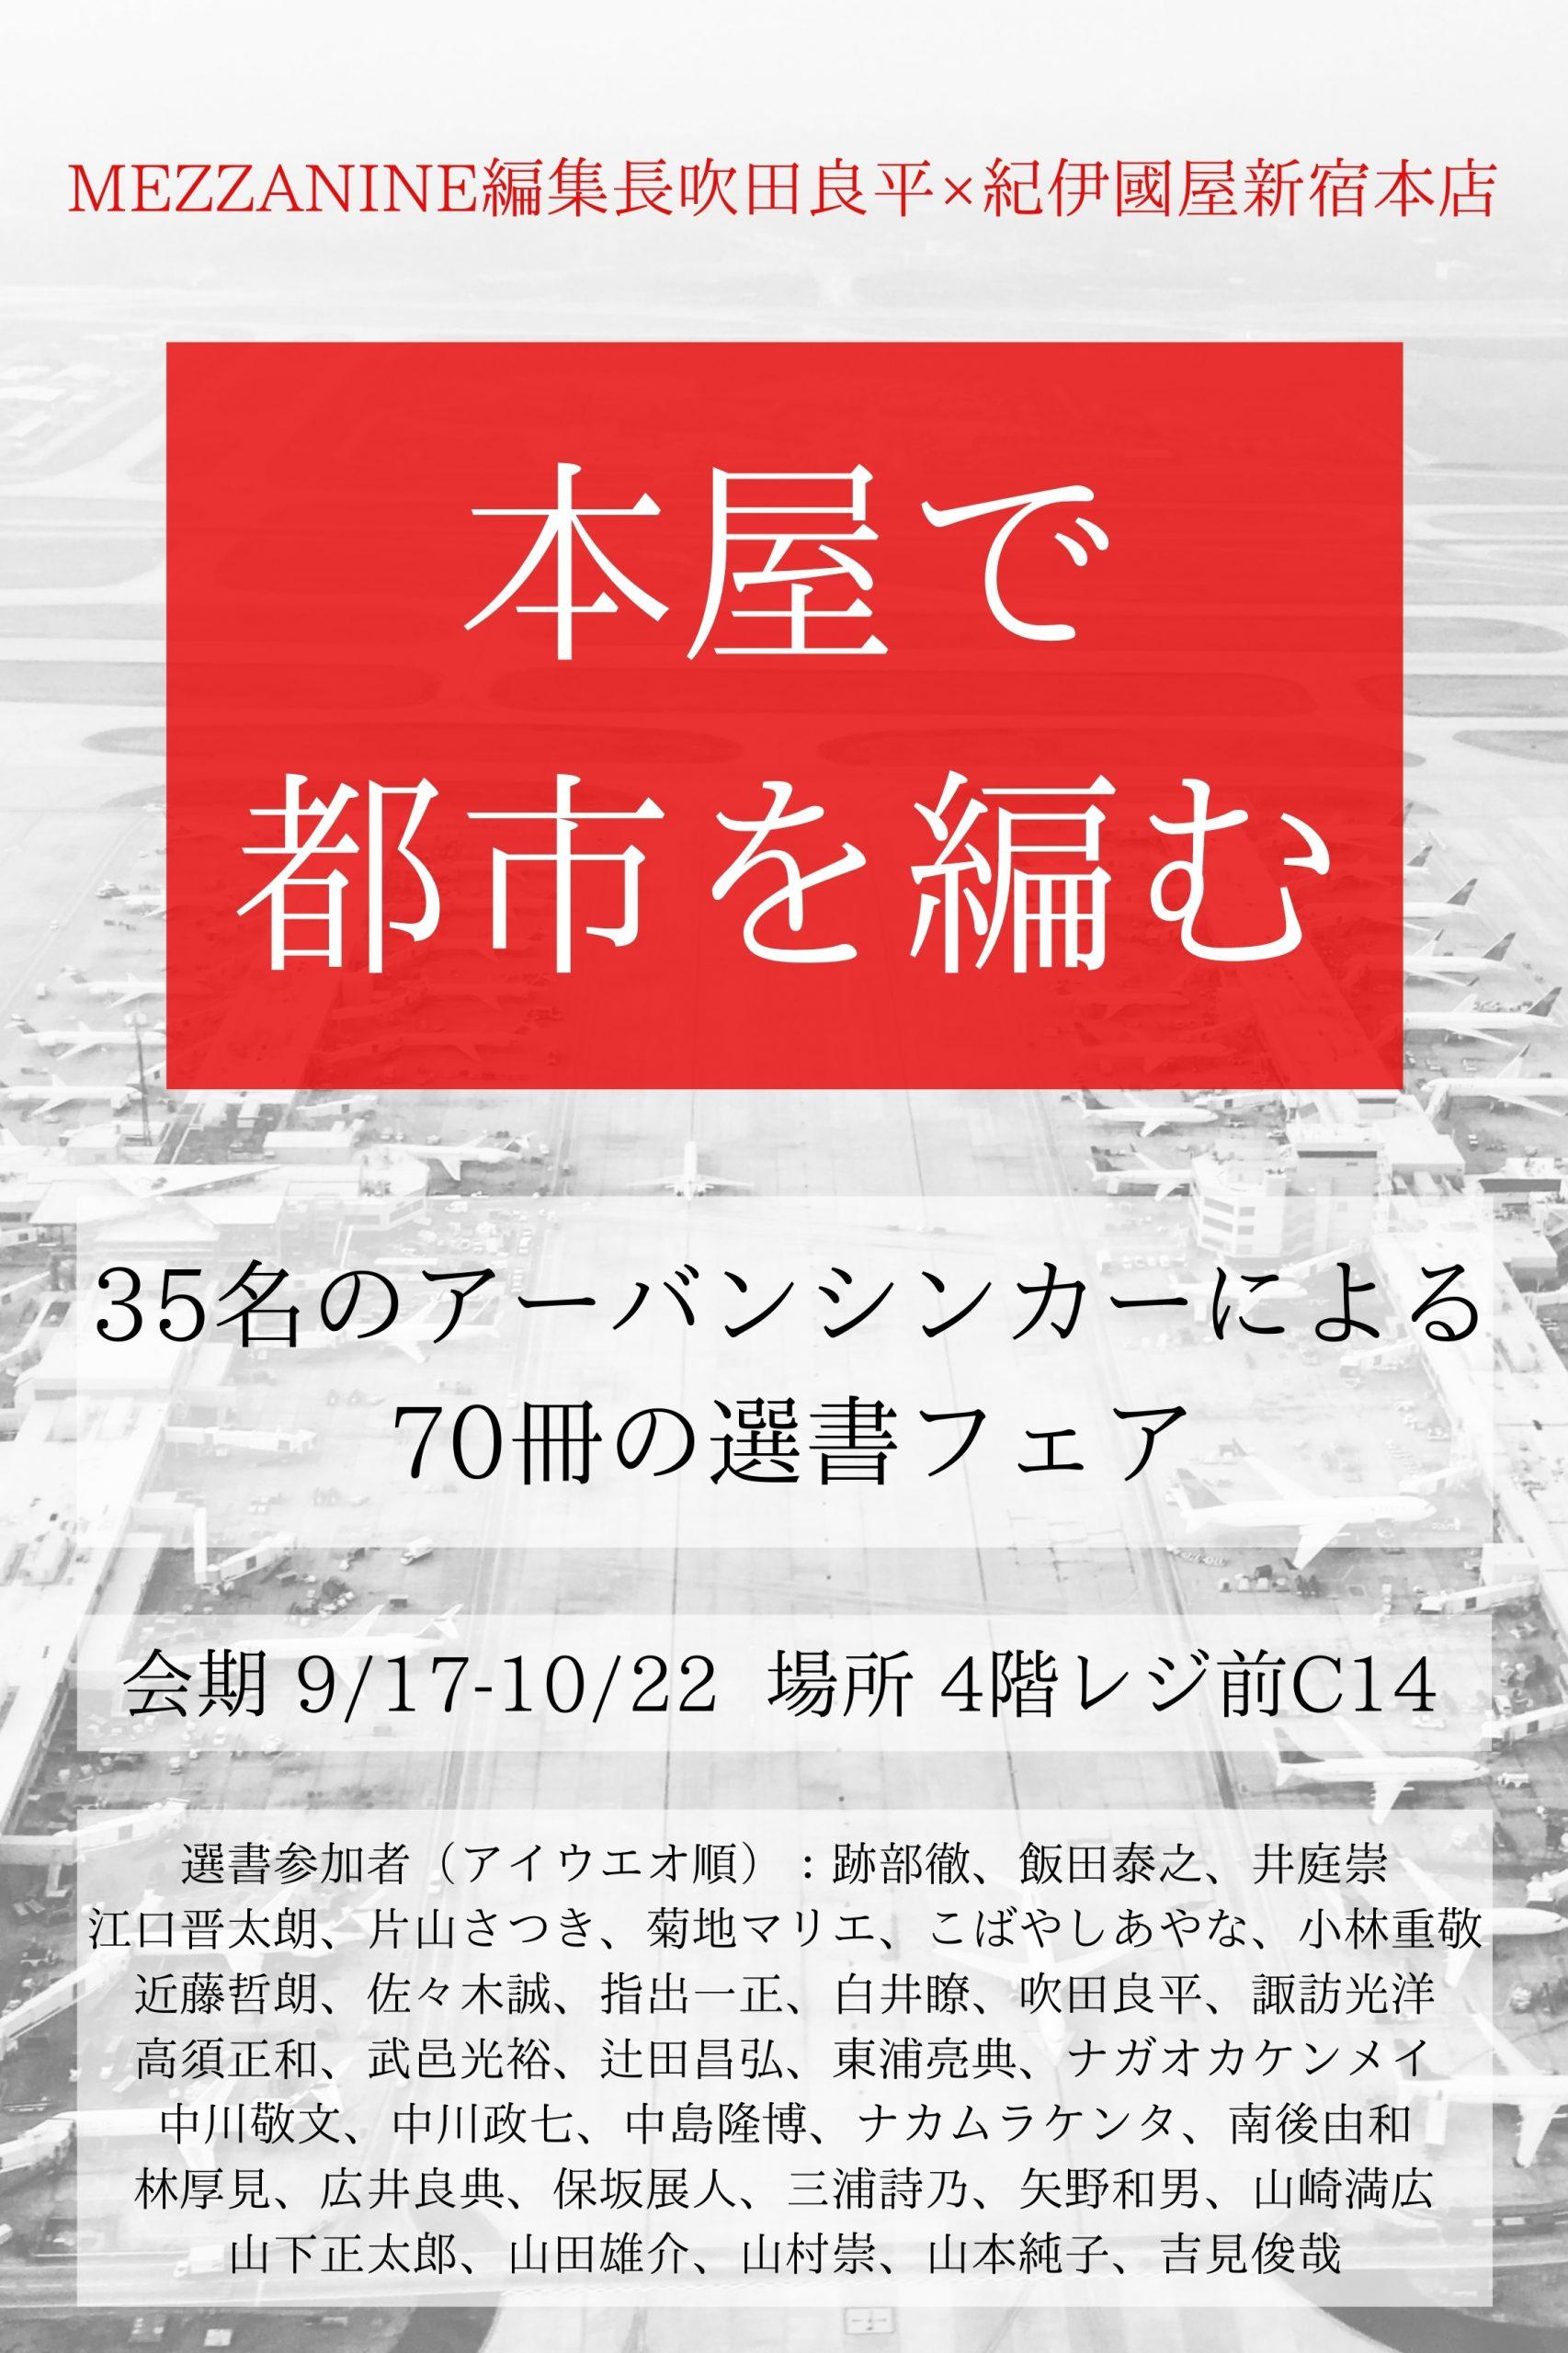 紀伊國屋書店:【4階 フェア】「本屋で都市を編む」ブックフェア開催中!